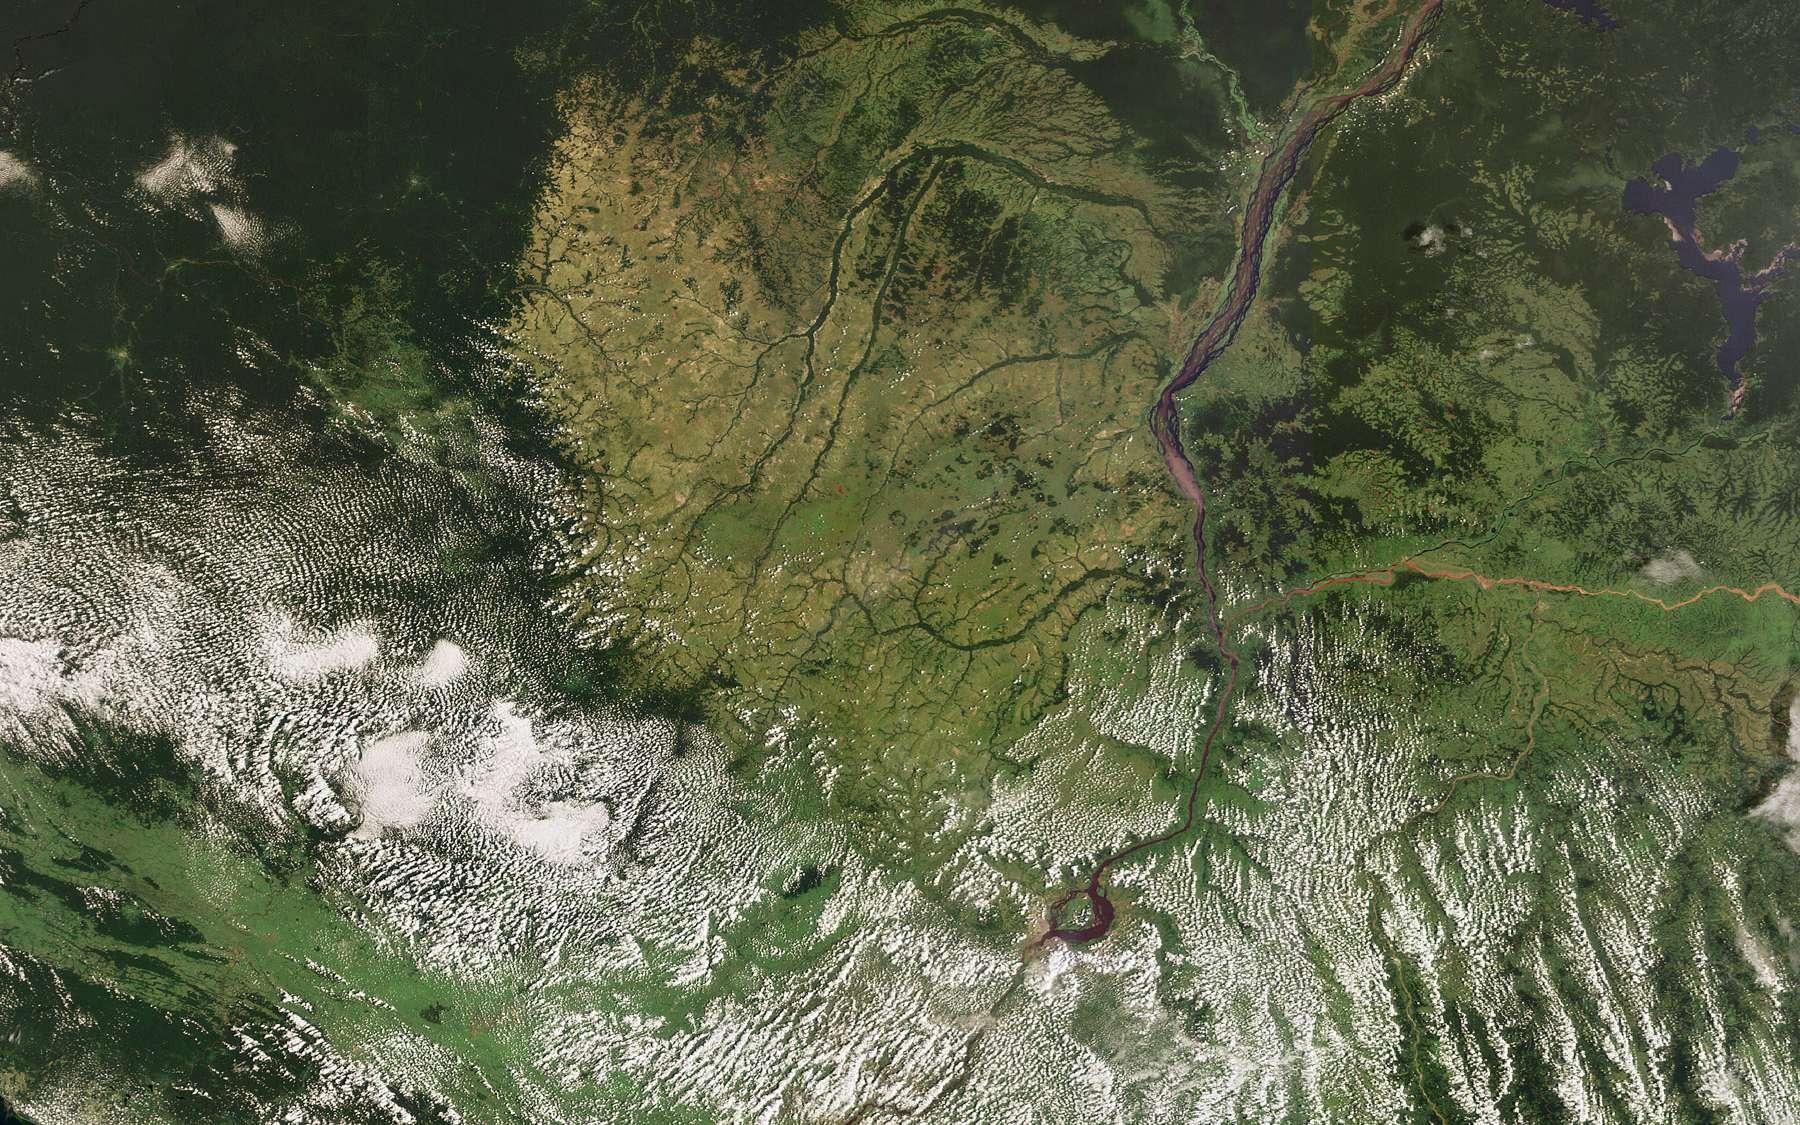 Cette image a été réalisée par la caméra Meris (Medium Resolution Imaging Spectrometer) le 14 janvier 2009, en mode pleine résolution, qui permet de distinguer des détails de 300 m au sol. Crédit Esa